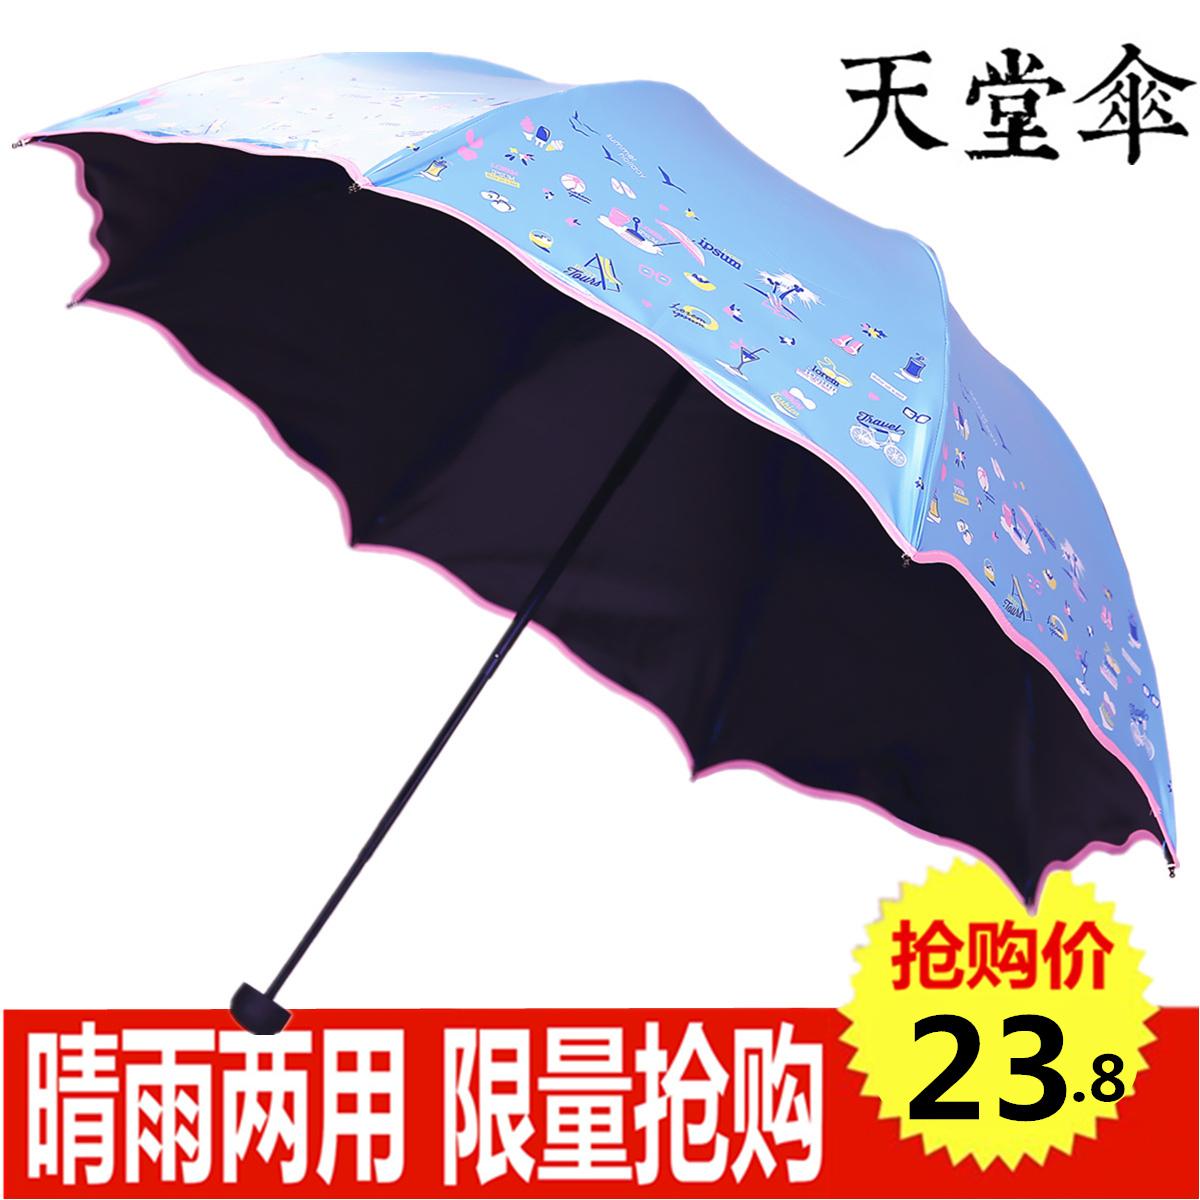 防晒雨伞黑胶太阳伞